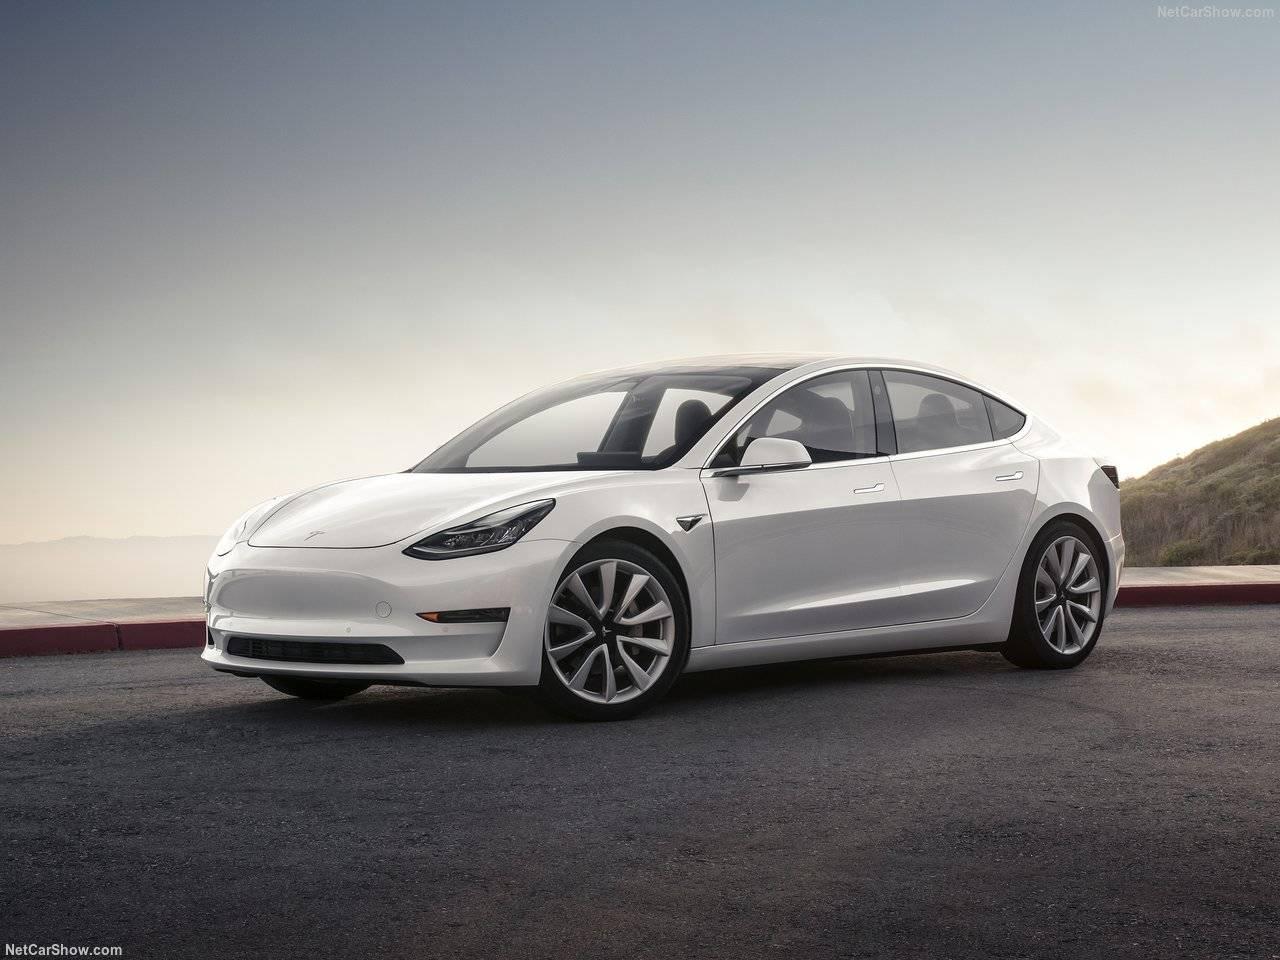 テスラから新モデルが投入決定!モデル3のデザイン・性能・価格等を検証します。予約は、テスラジャパンで開始!